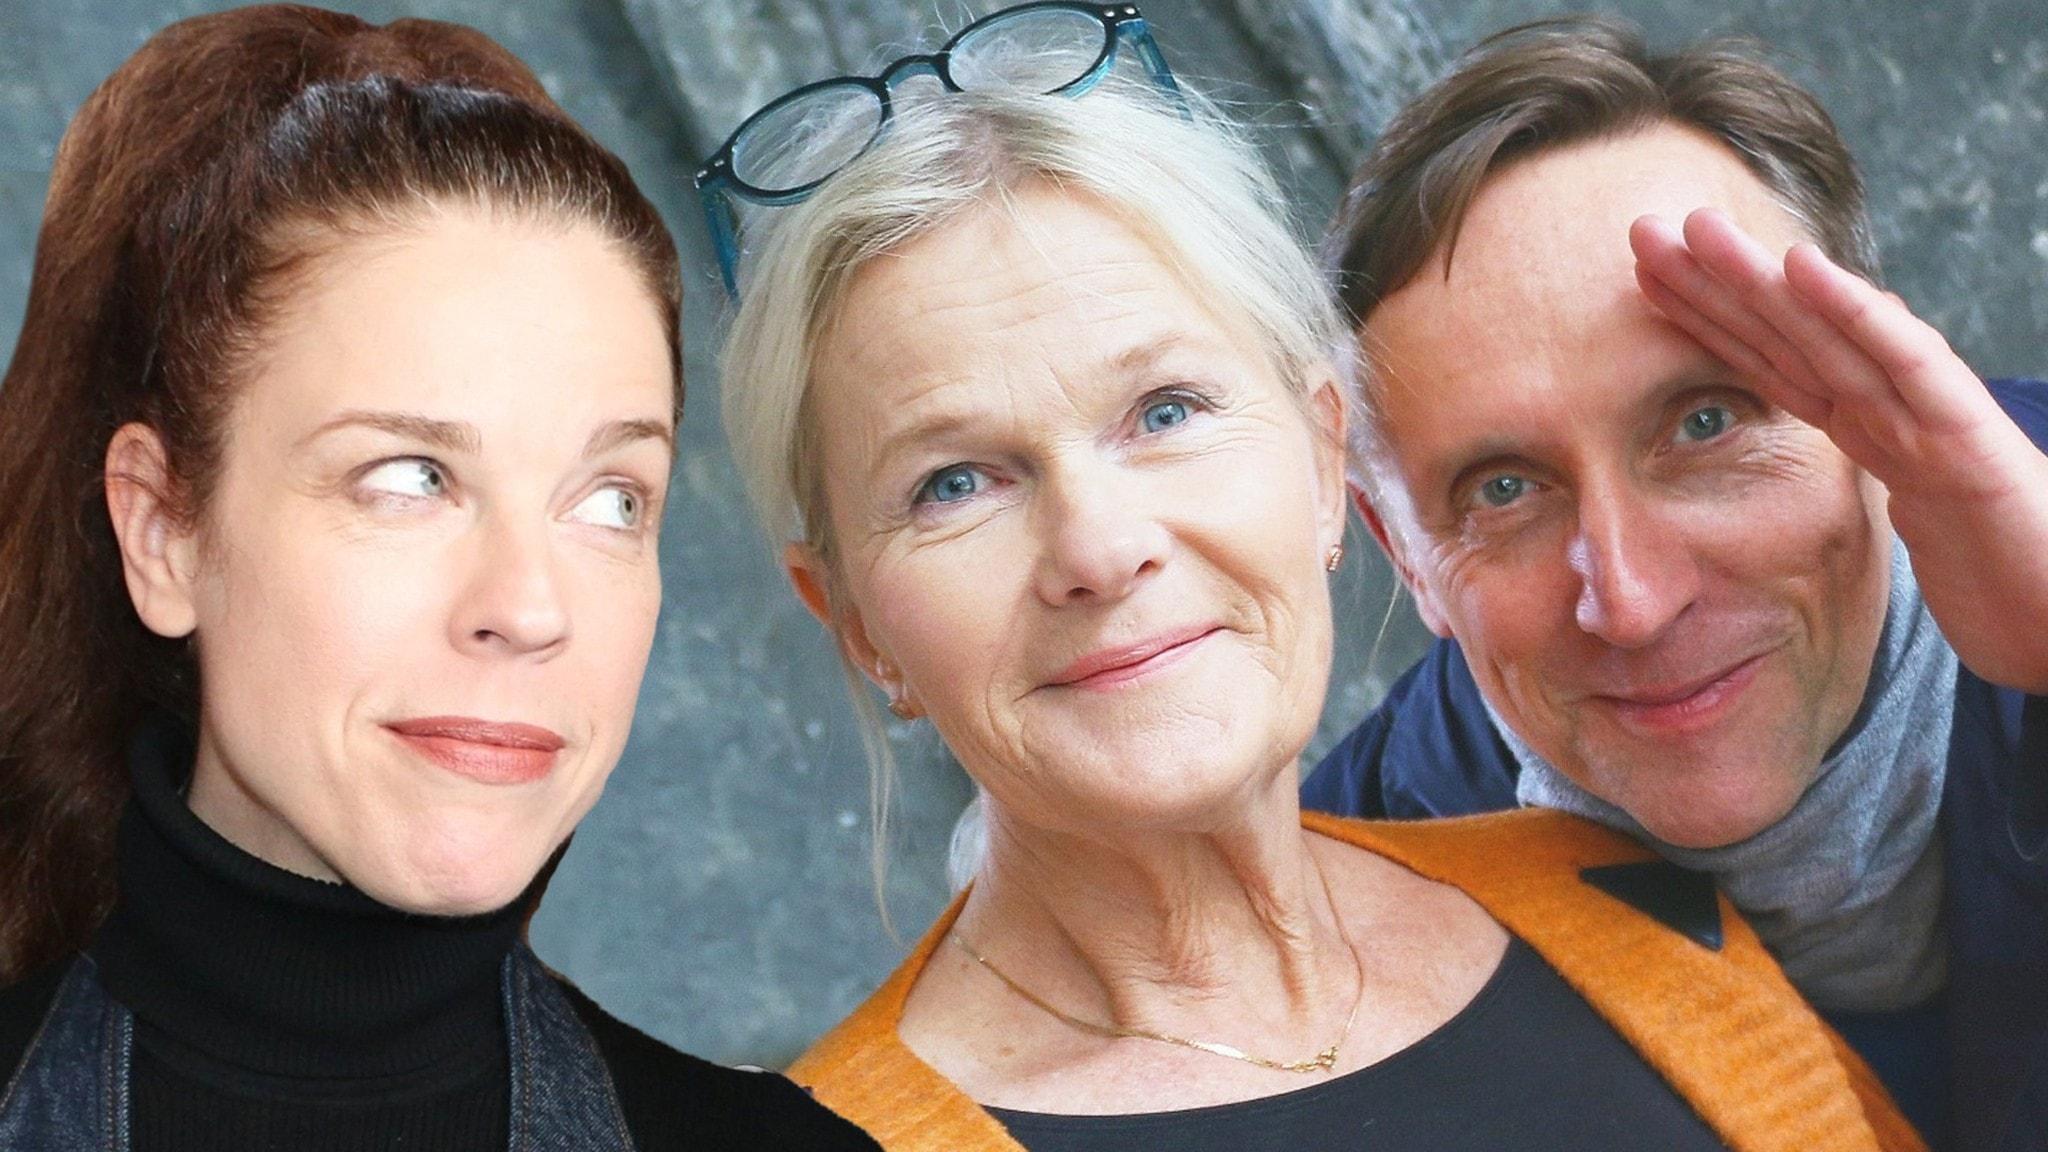 Kärlek i coronans tid, Tidsfördrif i tiden & Dagens uttryck.